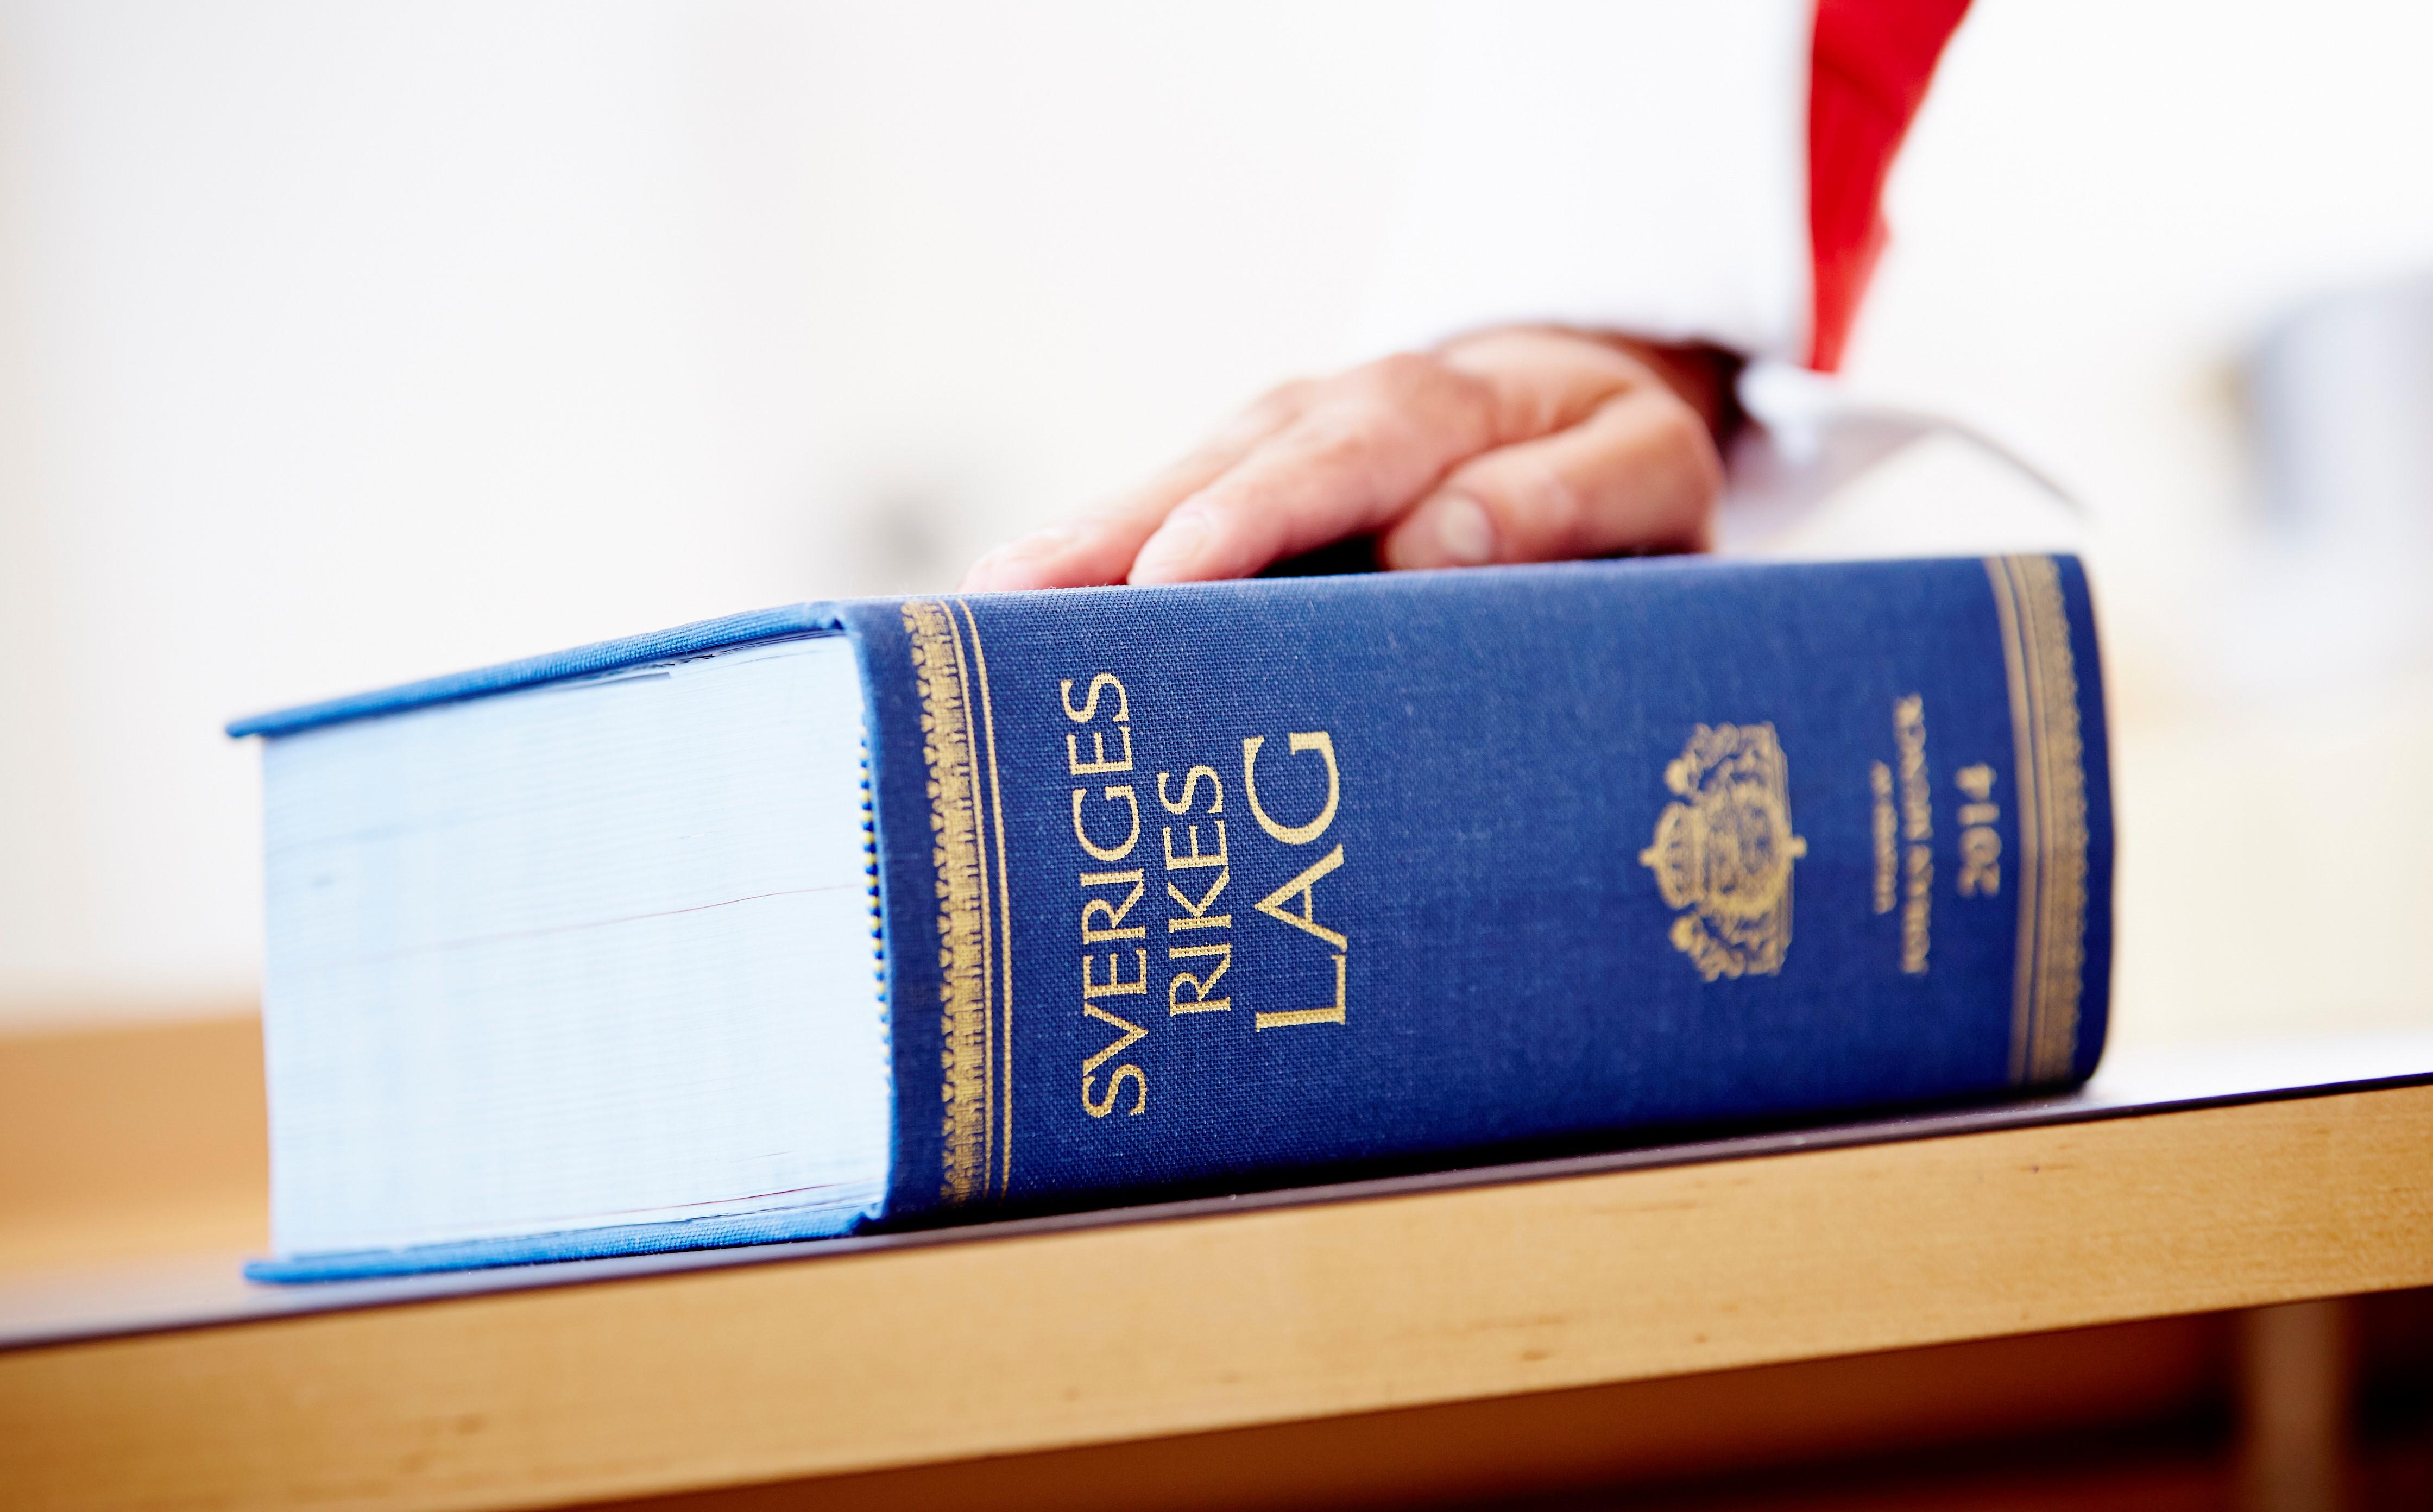 Anbud365: Domstolen fastslo regelbrudd, men gav også gode råd til oppdragsgiveren